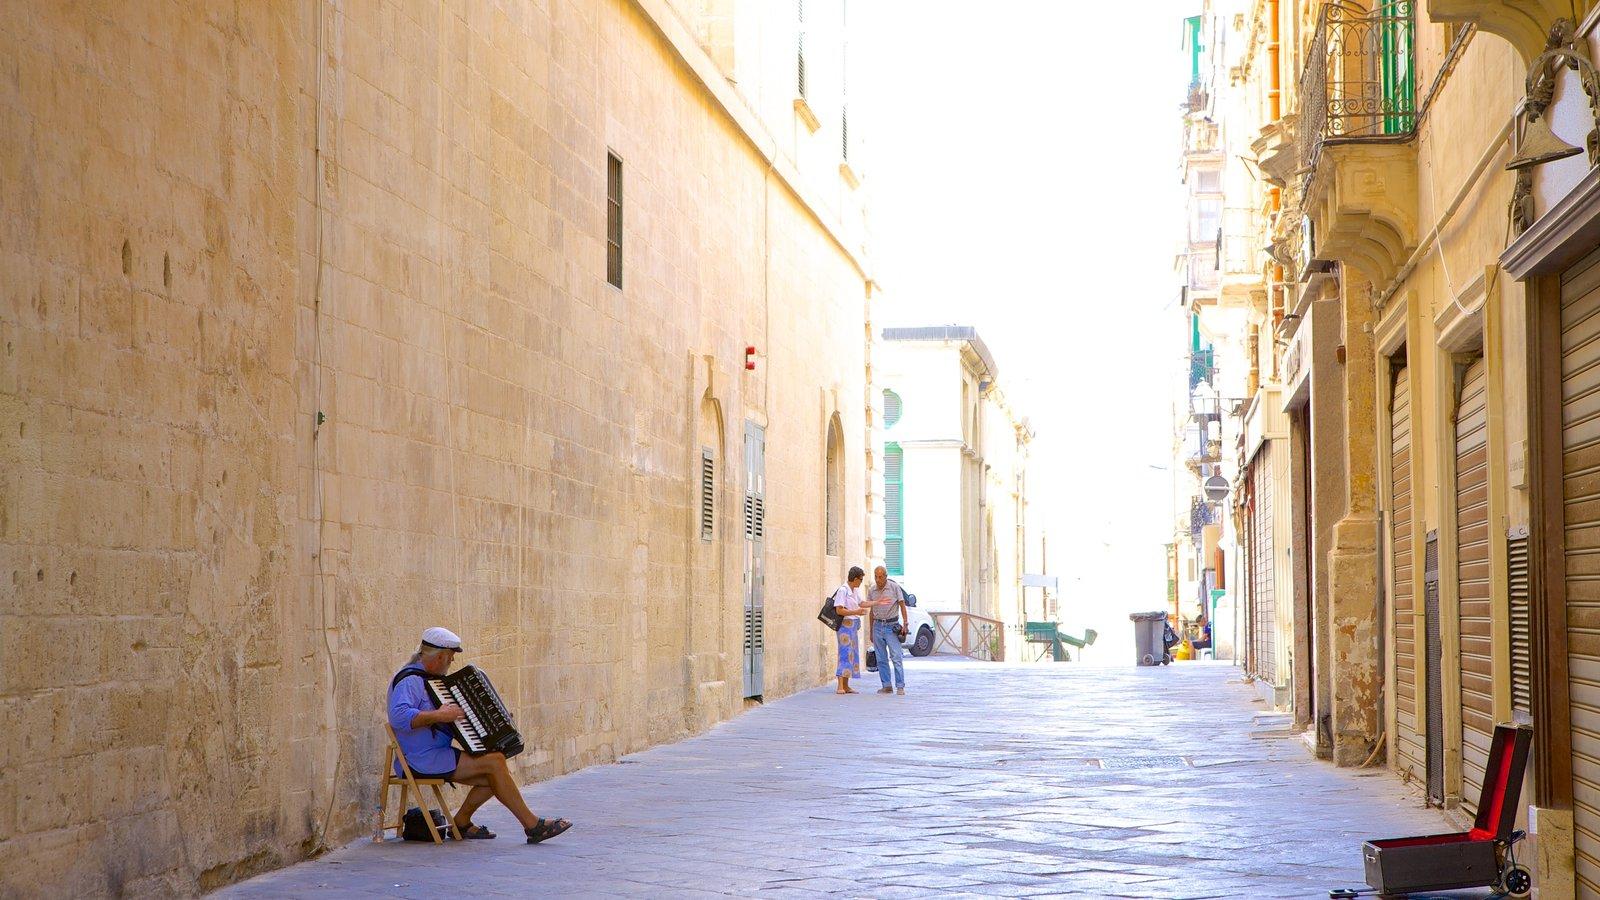 La Valeta mostrando escenas urbanas y actuación callejera